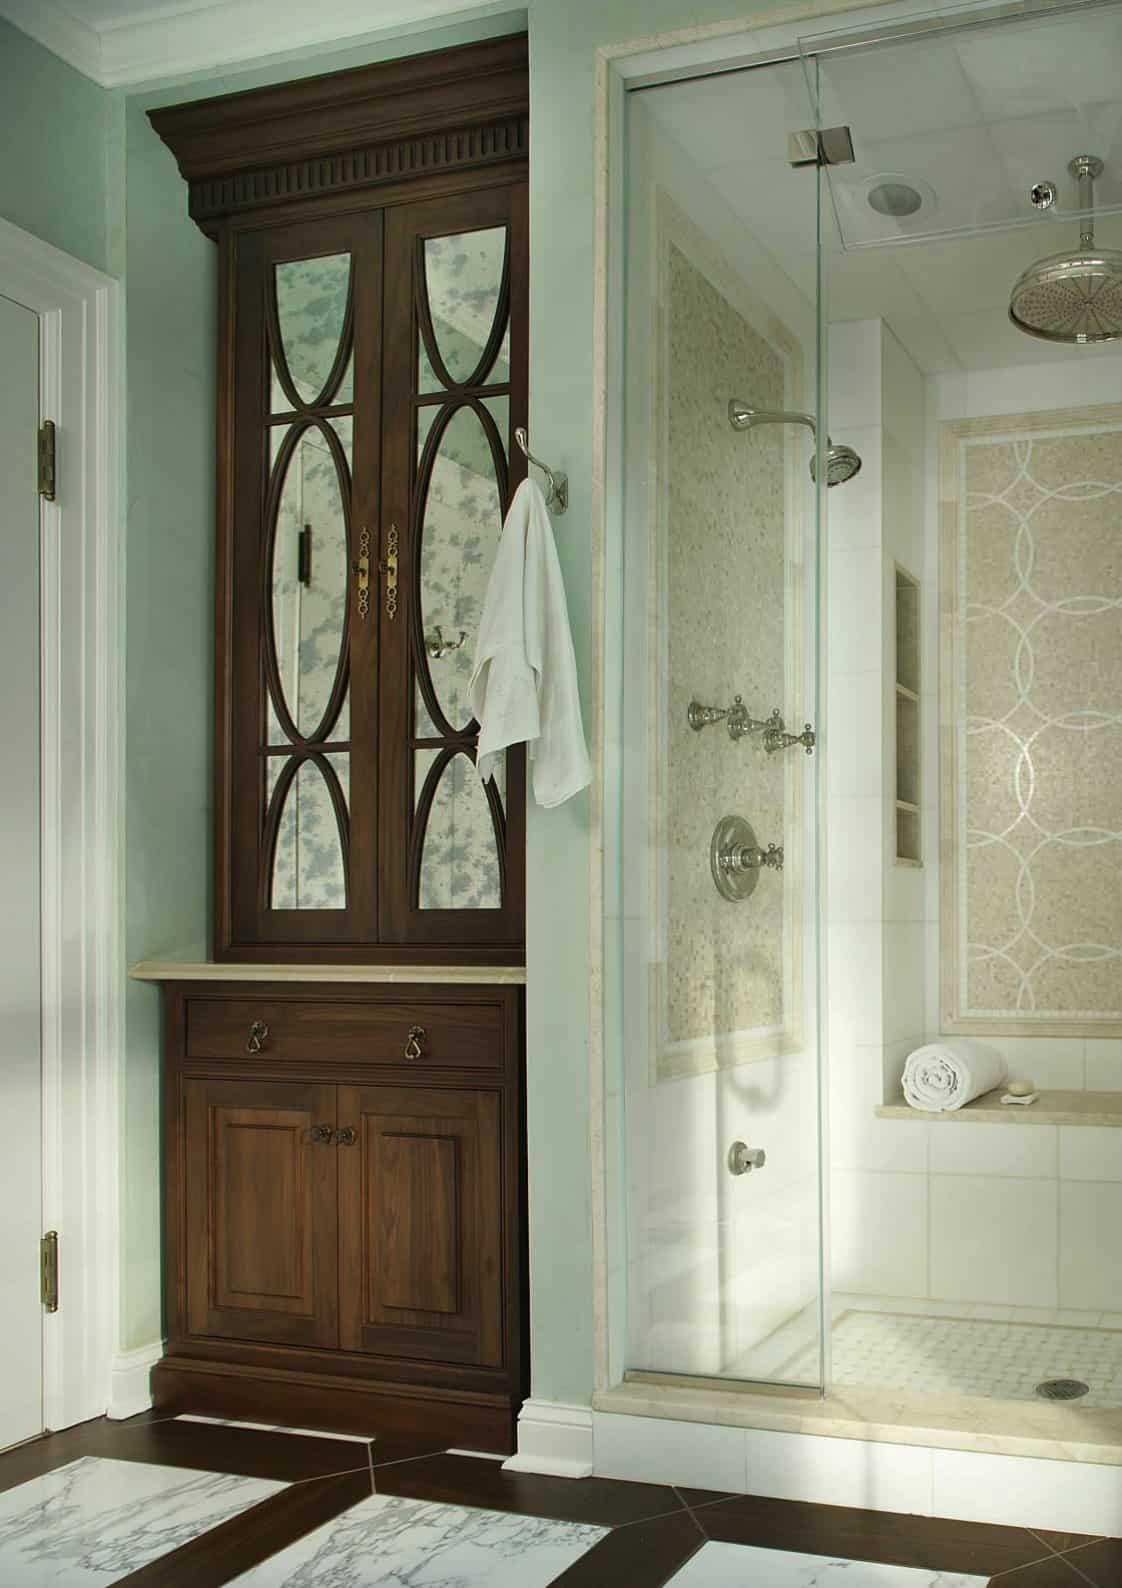 walk-in-steam-shower